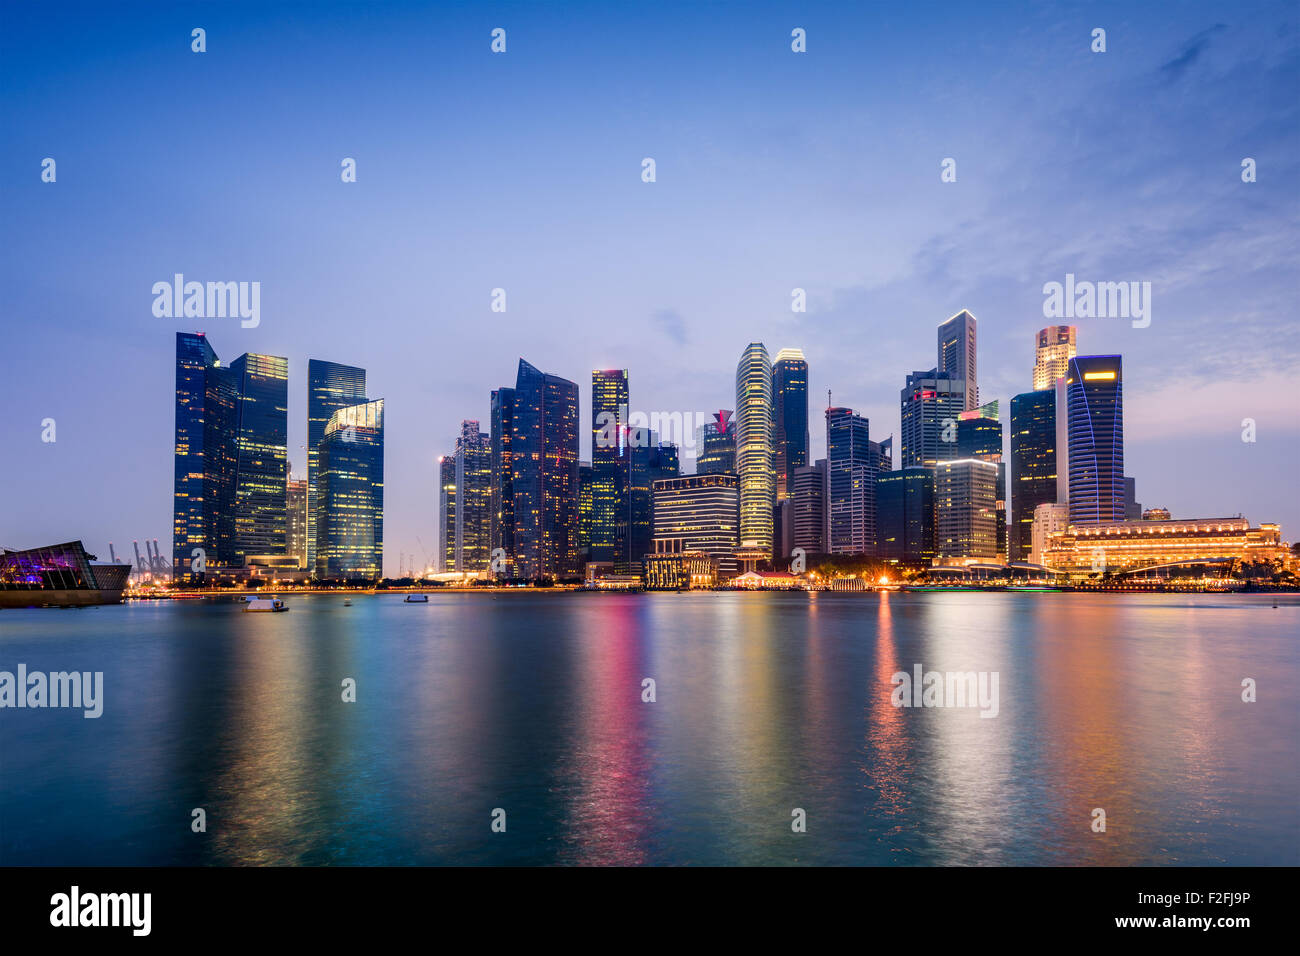 Lo skyline di Singapore il Marina Bay. Immagini Stock